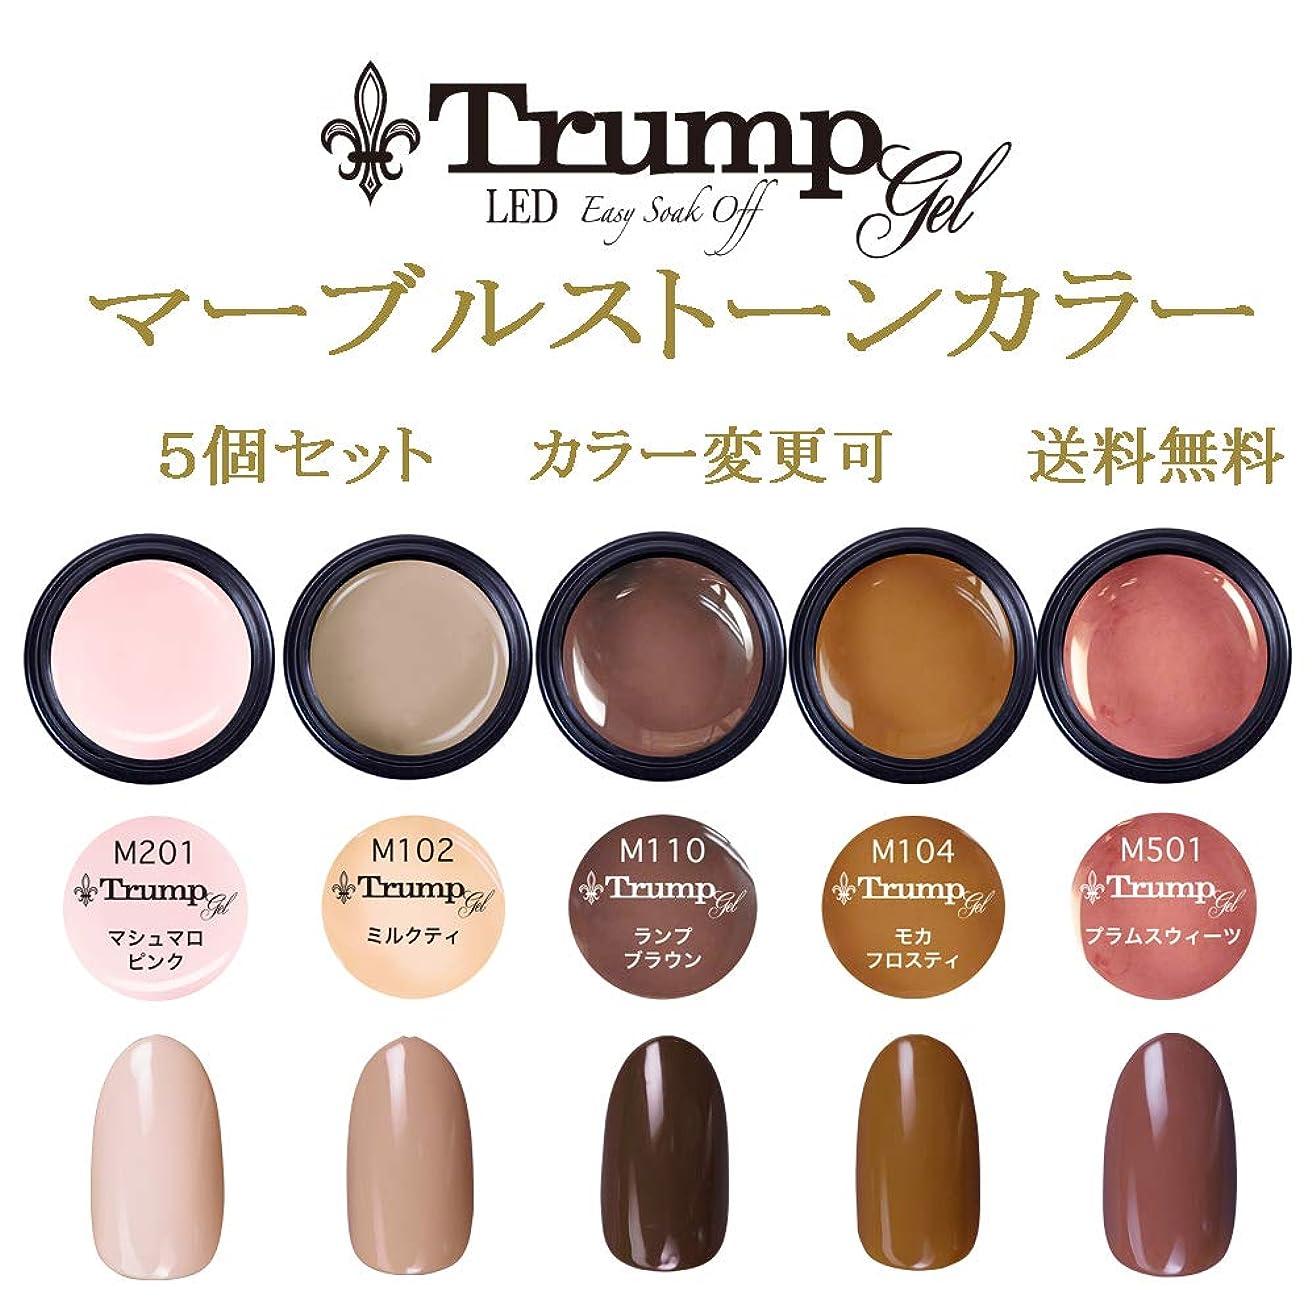 コンデンサー異常ピストル【送料無料】日本製 Trump gel トランプジェル マーブルストーン カラージェル 5個セット 人気の大理石ネイルカラーをチョイス